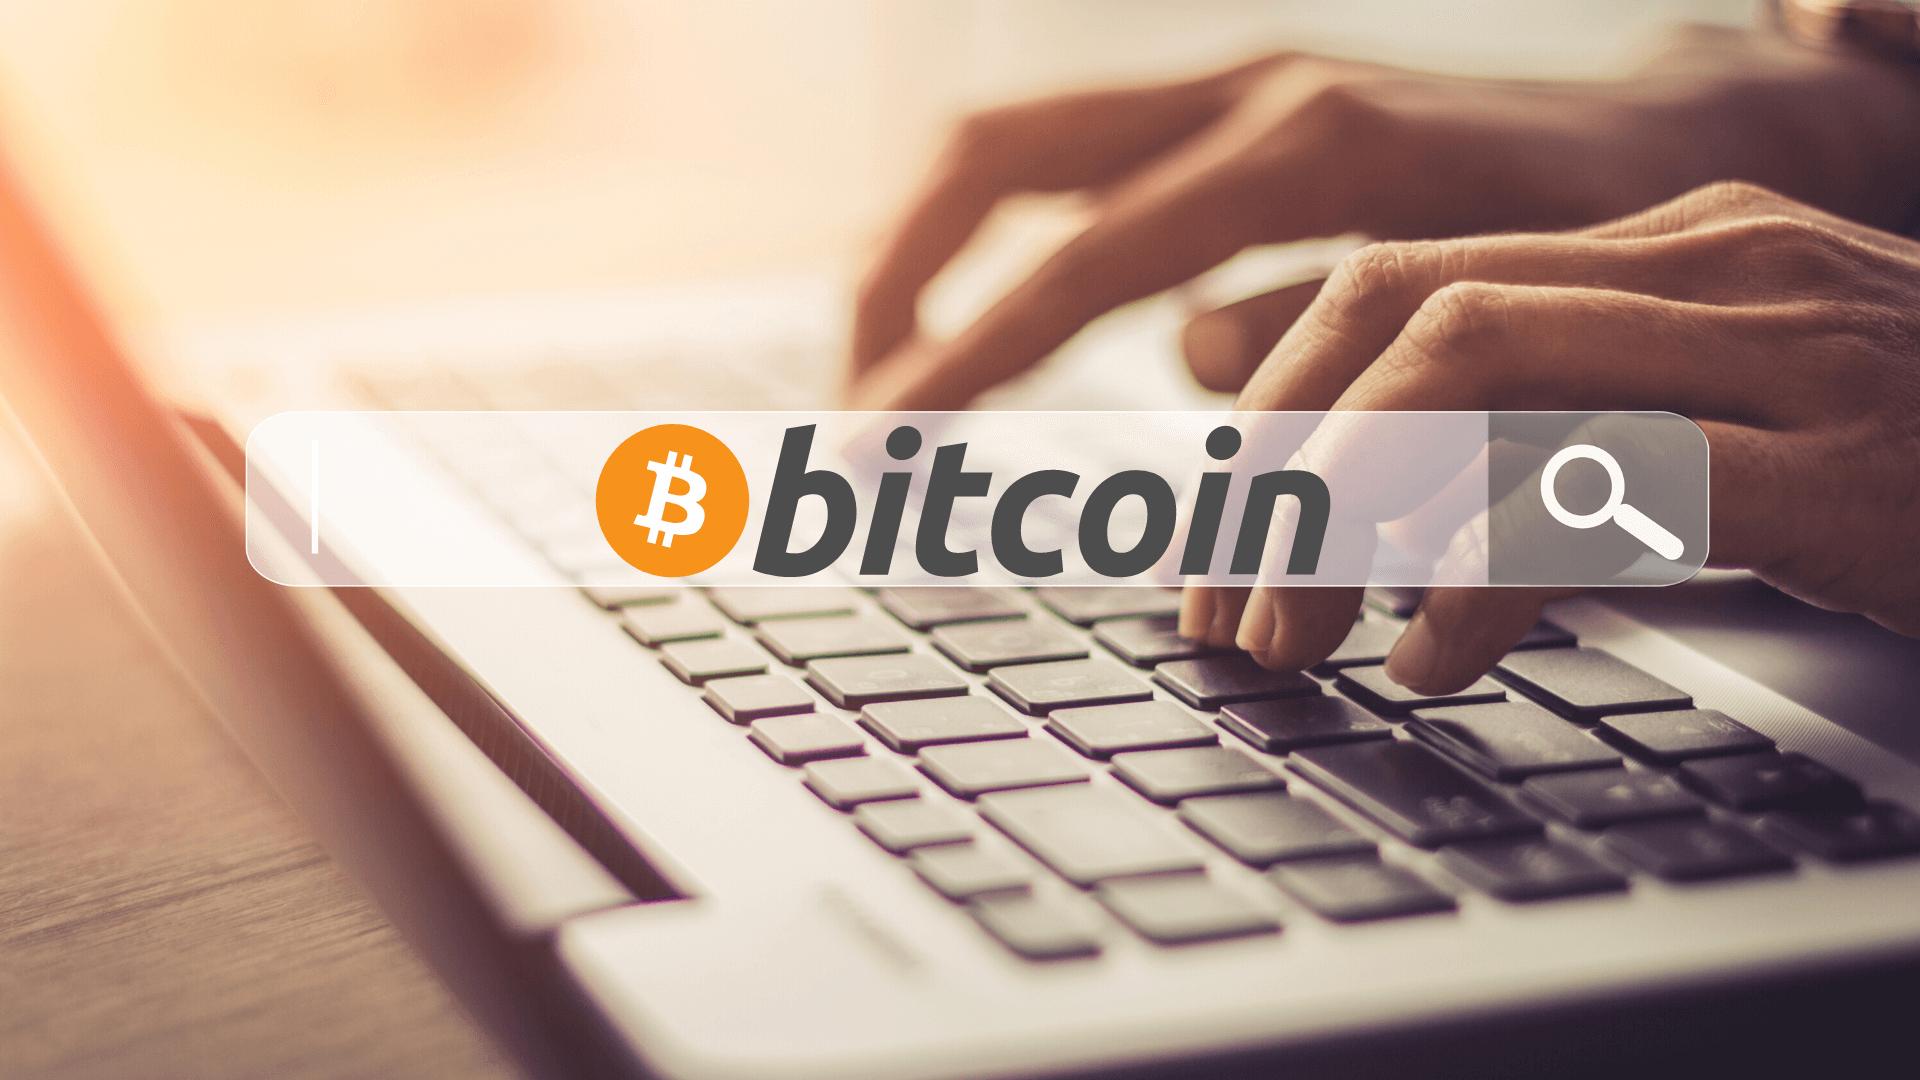 Trotz steigender Bitcoin-Preise geht das Google-Suchvolumen zurück